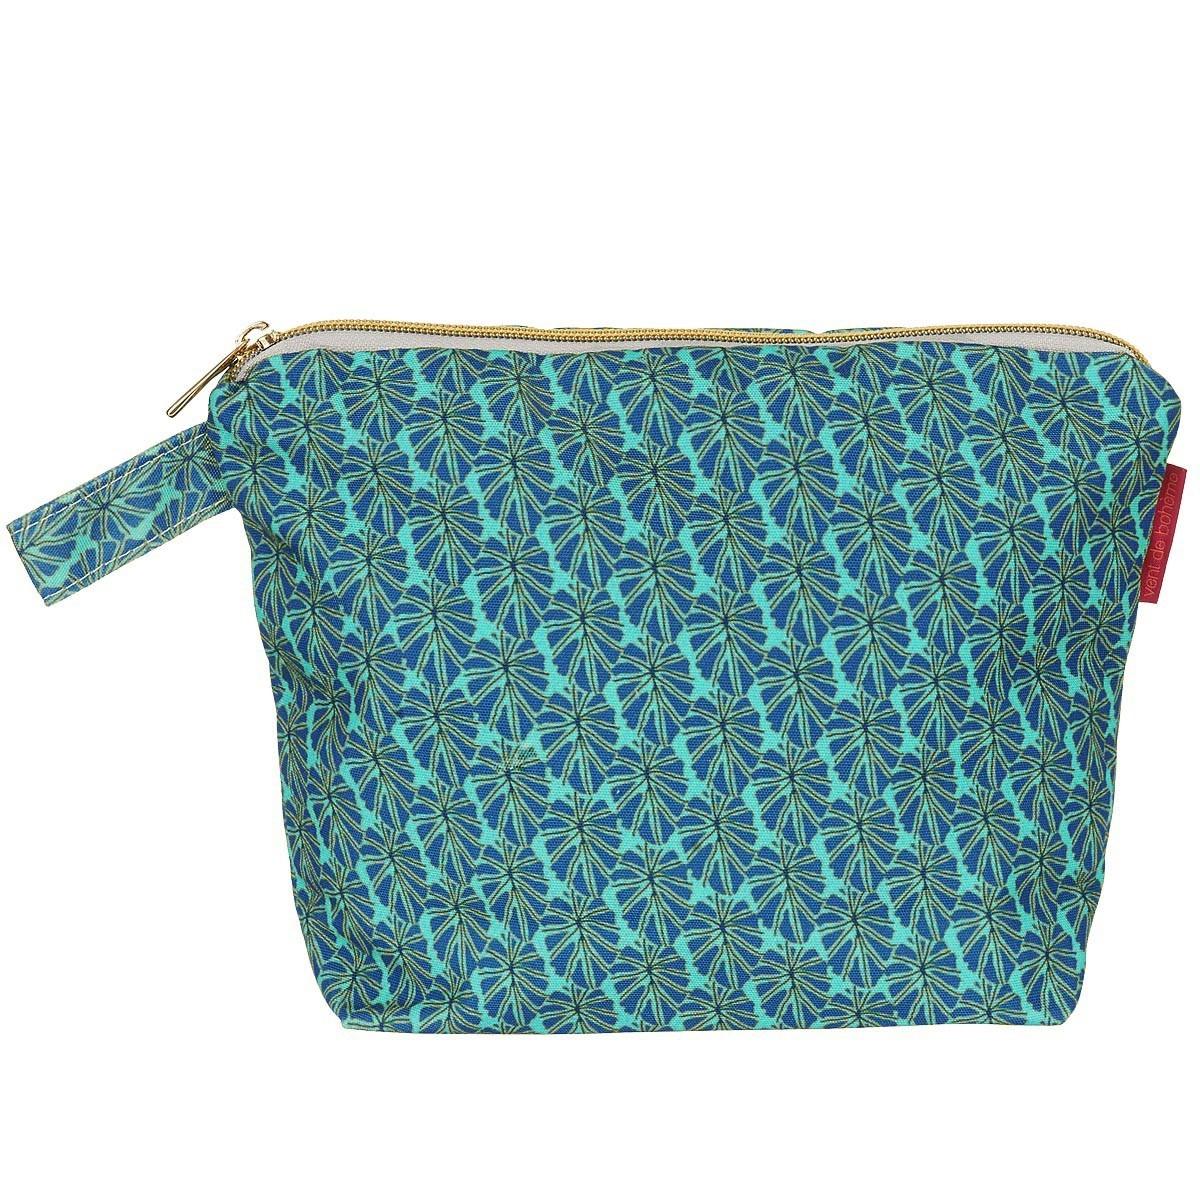 Pochette en toile outdoor imprimé graphique turquoise